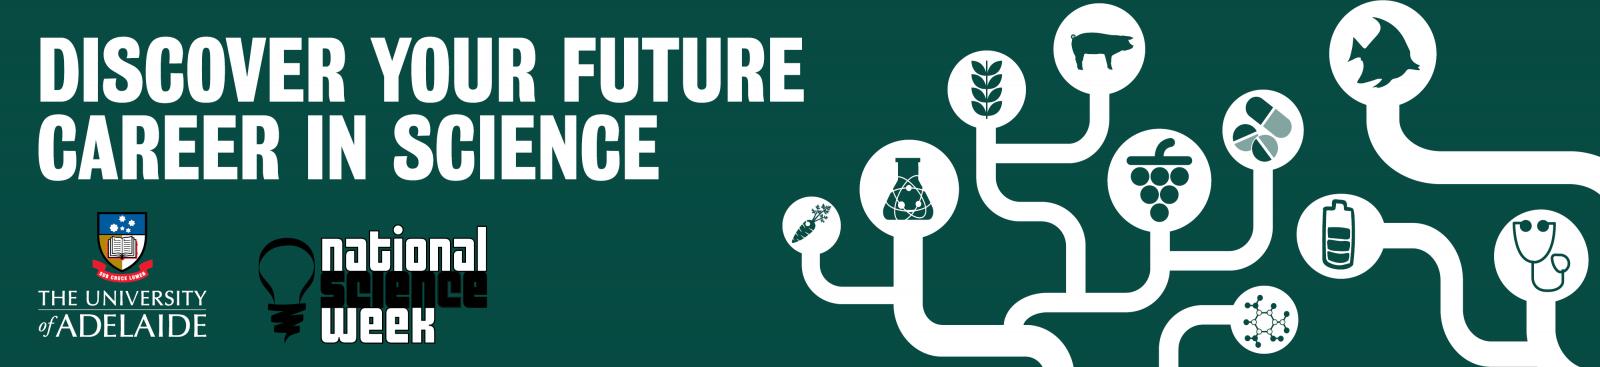 National Science Week Future Scientist Career Quiz banner image